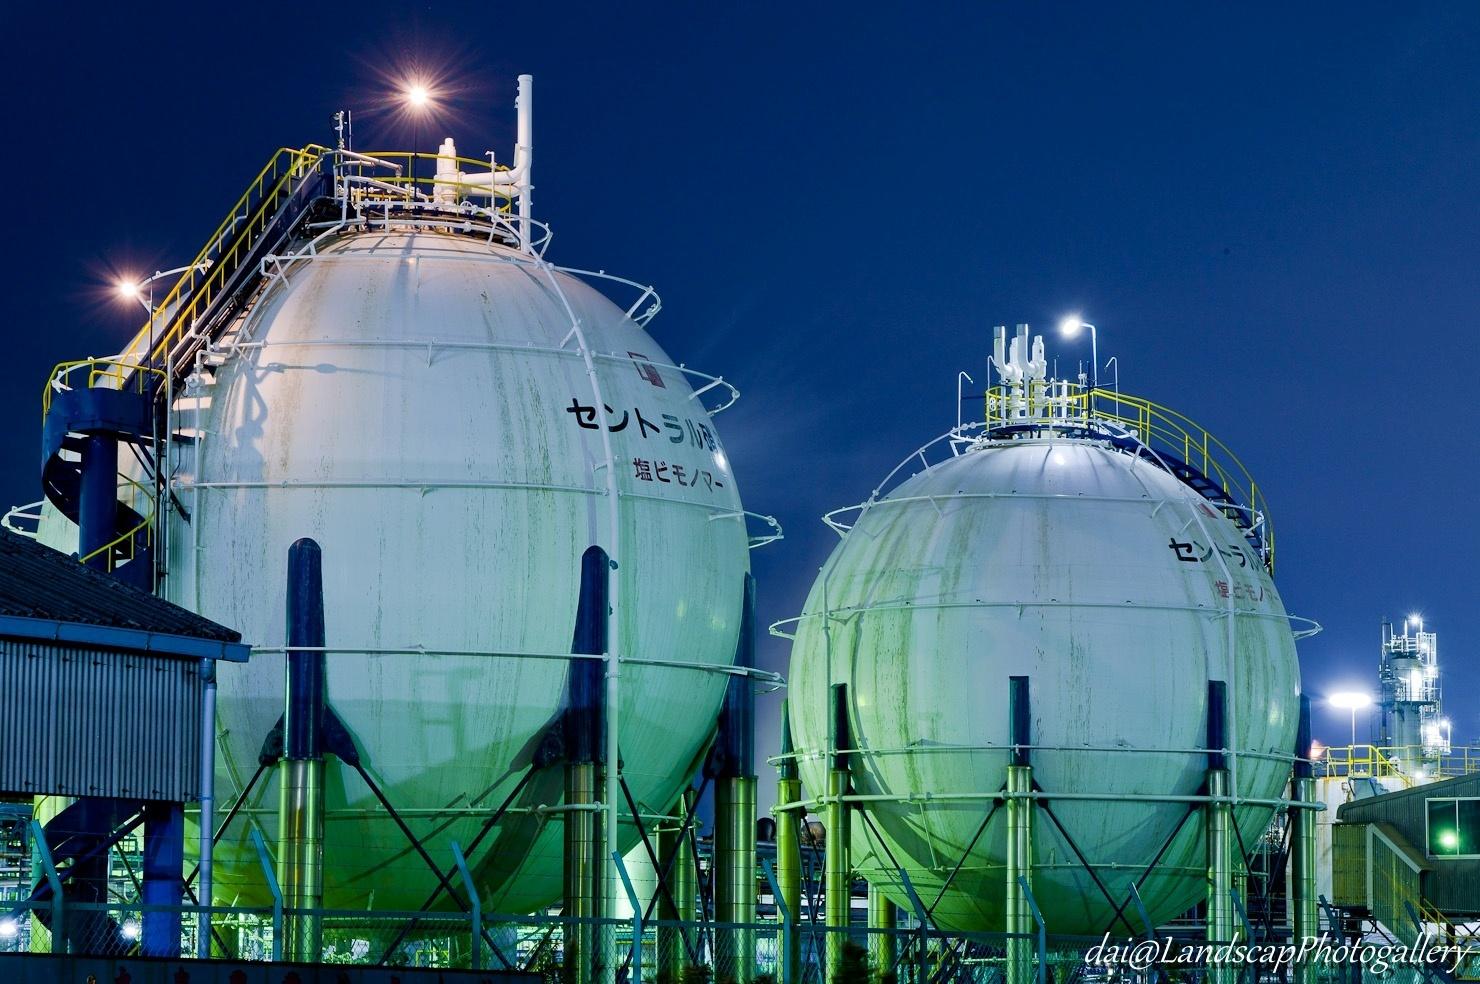 セントラル硝子工場夜景